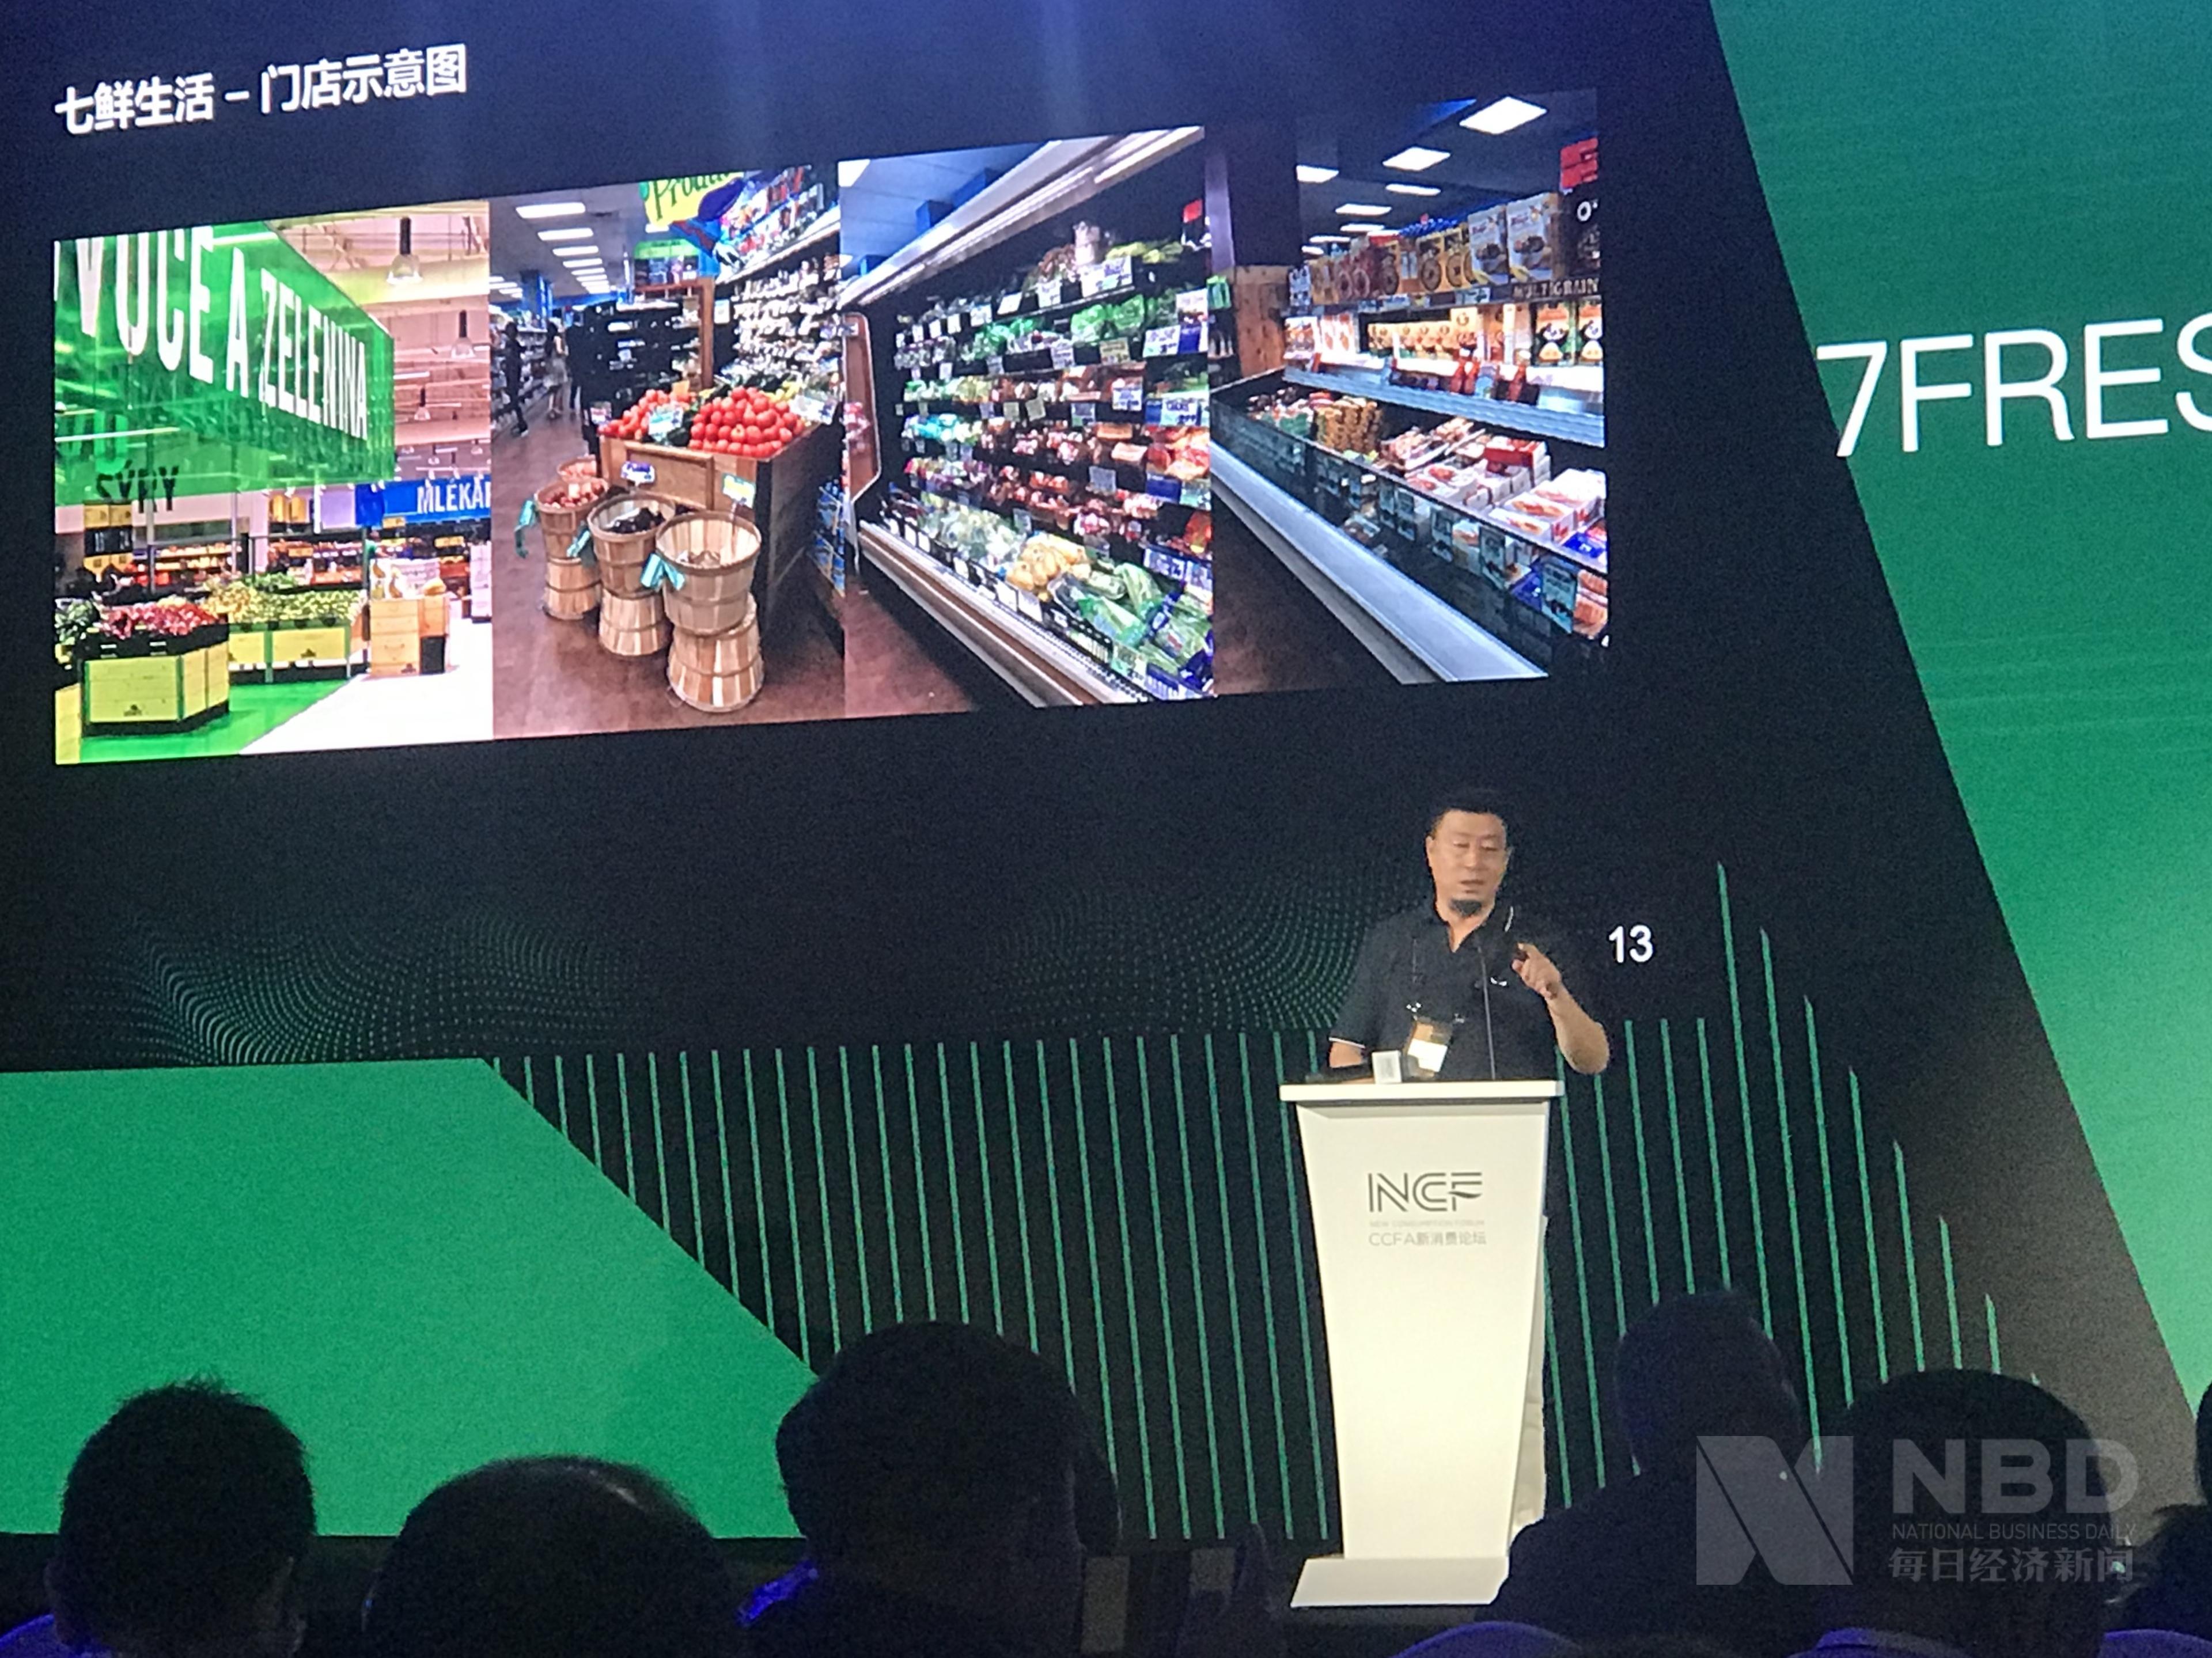 """京东社区超市""""七鲜生活""""暴光 7FRESH王敬:将于年内停业"""